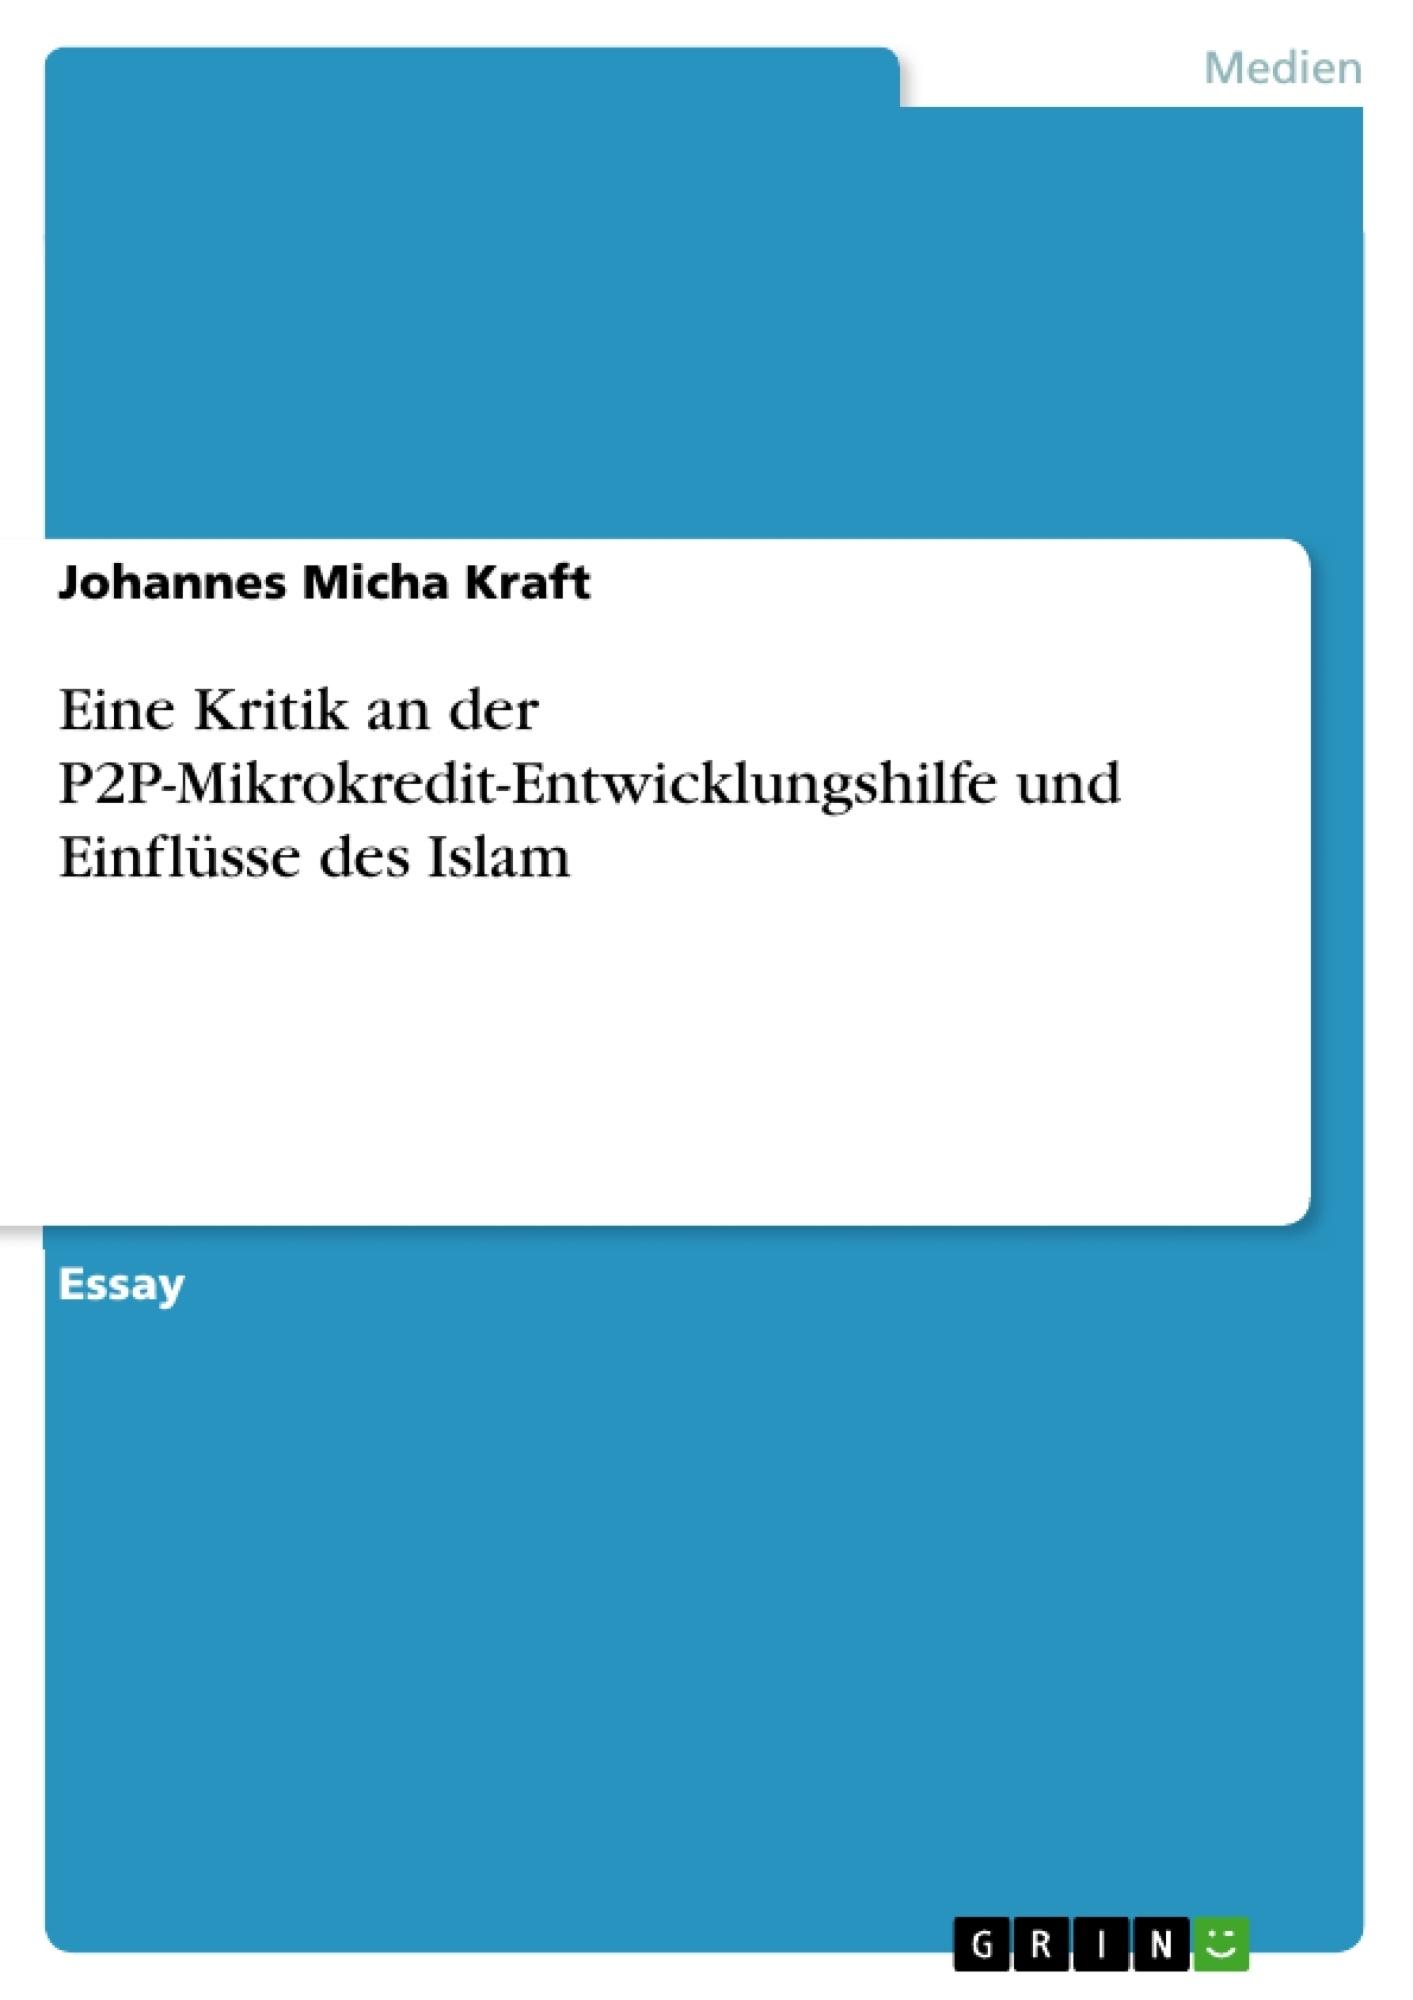 Titel: Eine Kritik an der P2P-Mikrokredit-Entwicklungshilfe und Einflüsse des Islam